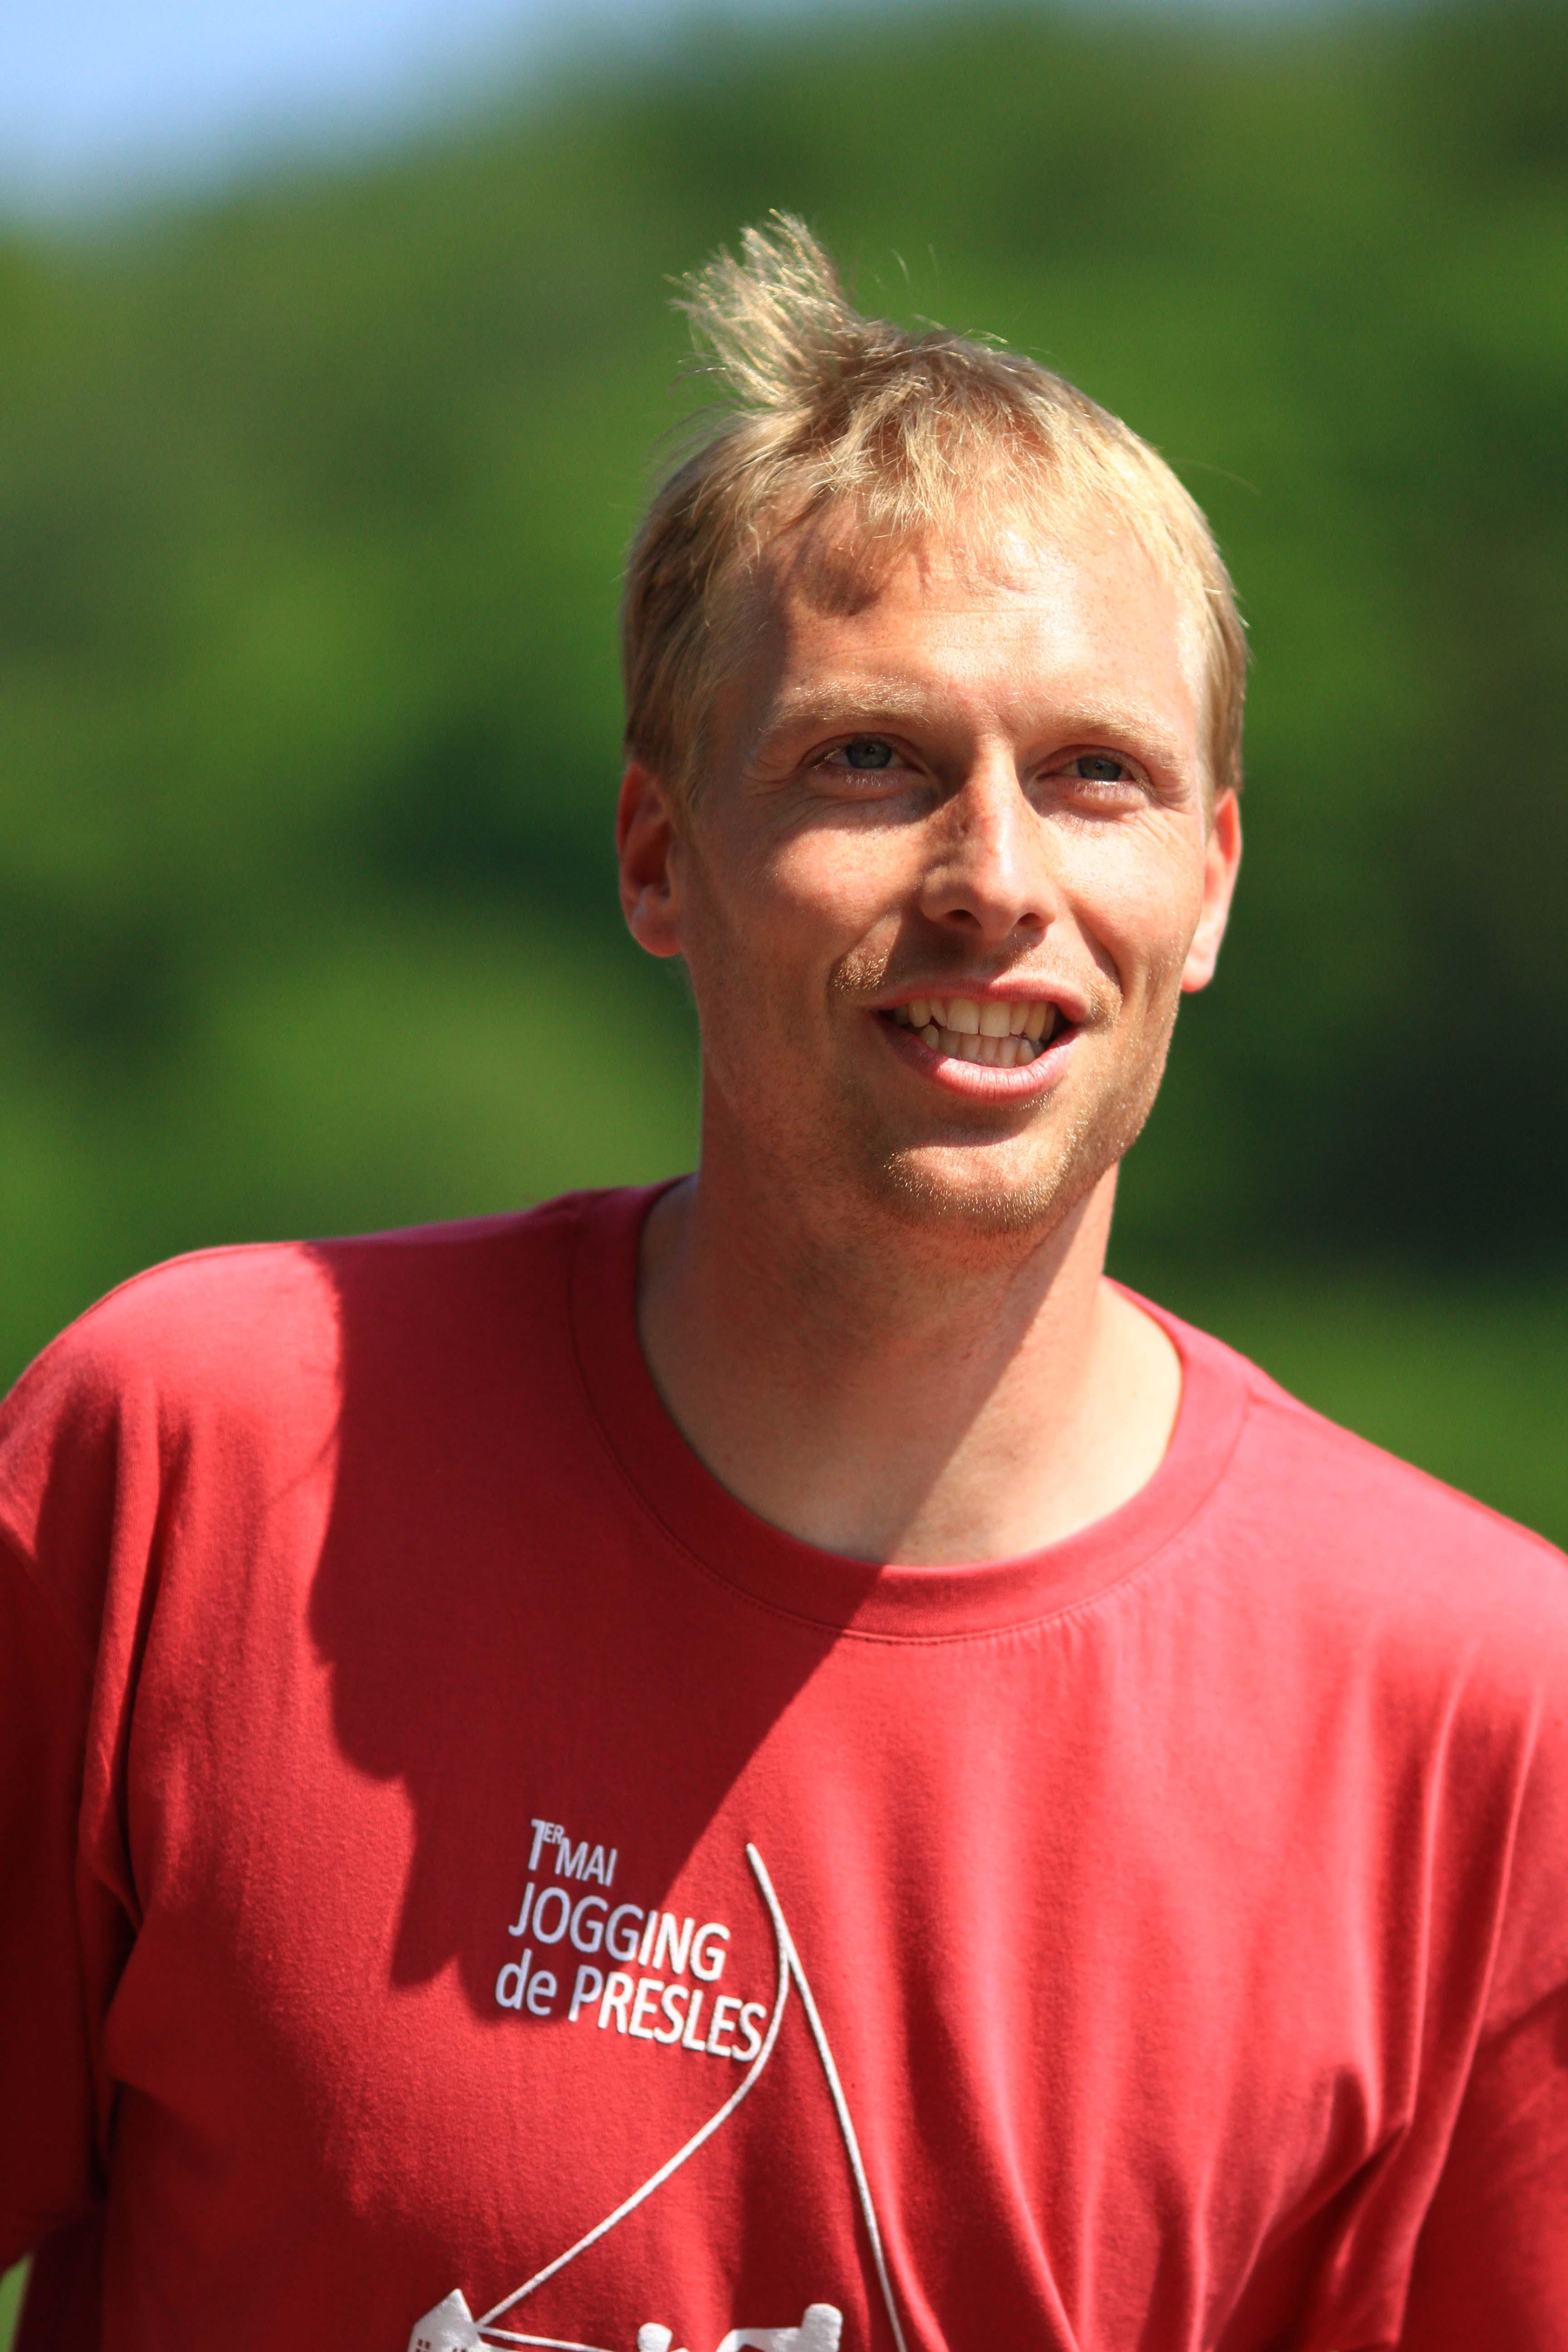 Matthieu Buelens